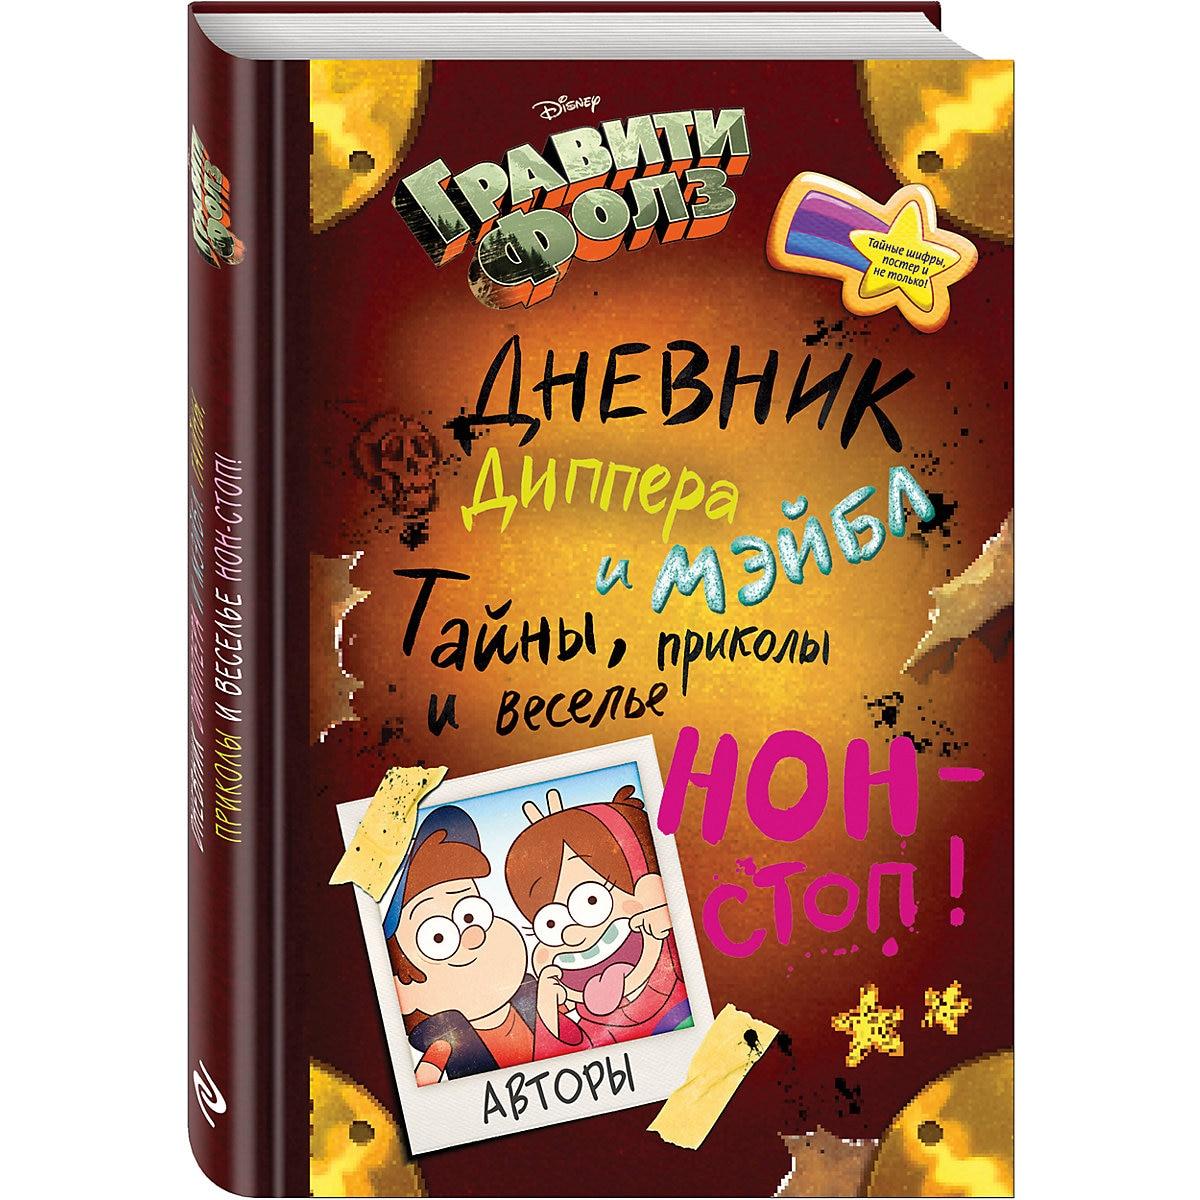 Libros EKSMO 5535326 niños educación encyclope alfabeto diccionario libro para bebé MTpromo